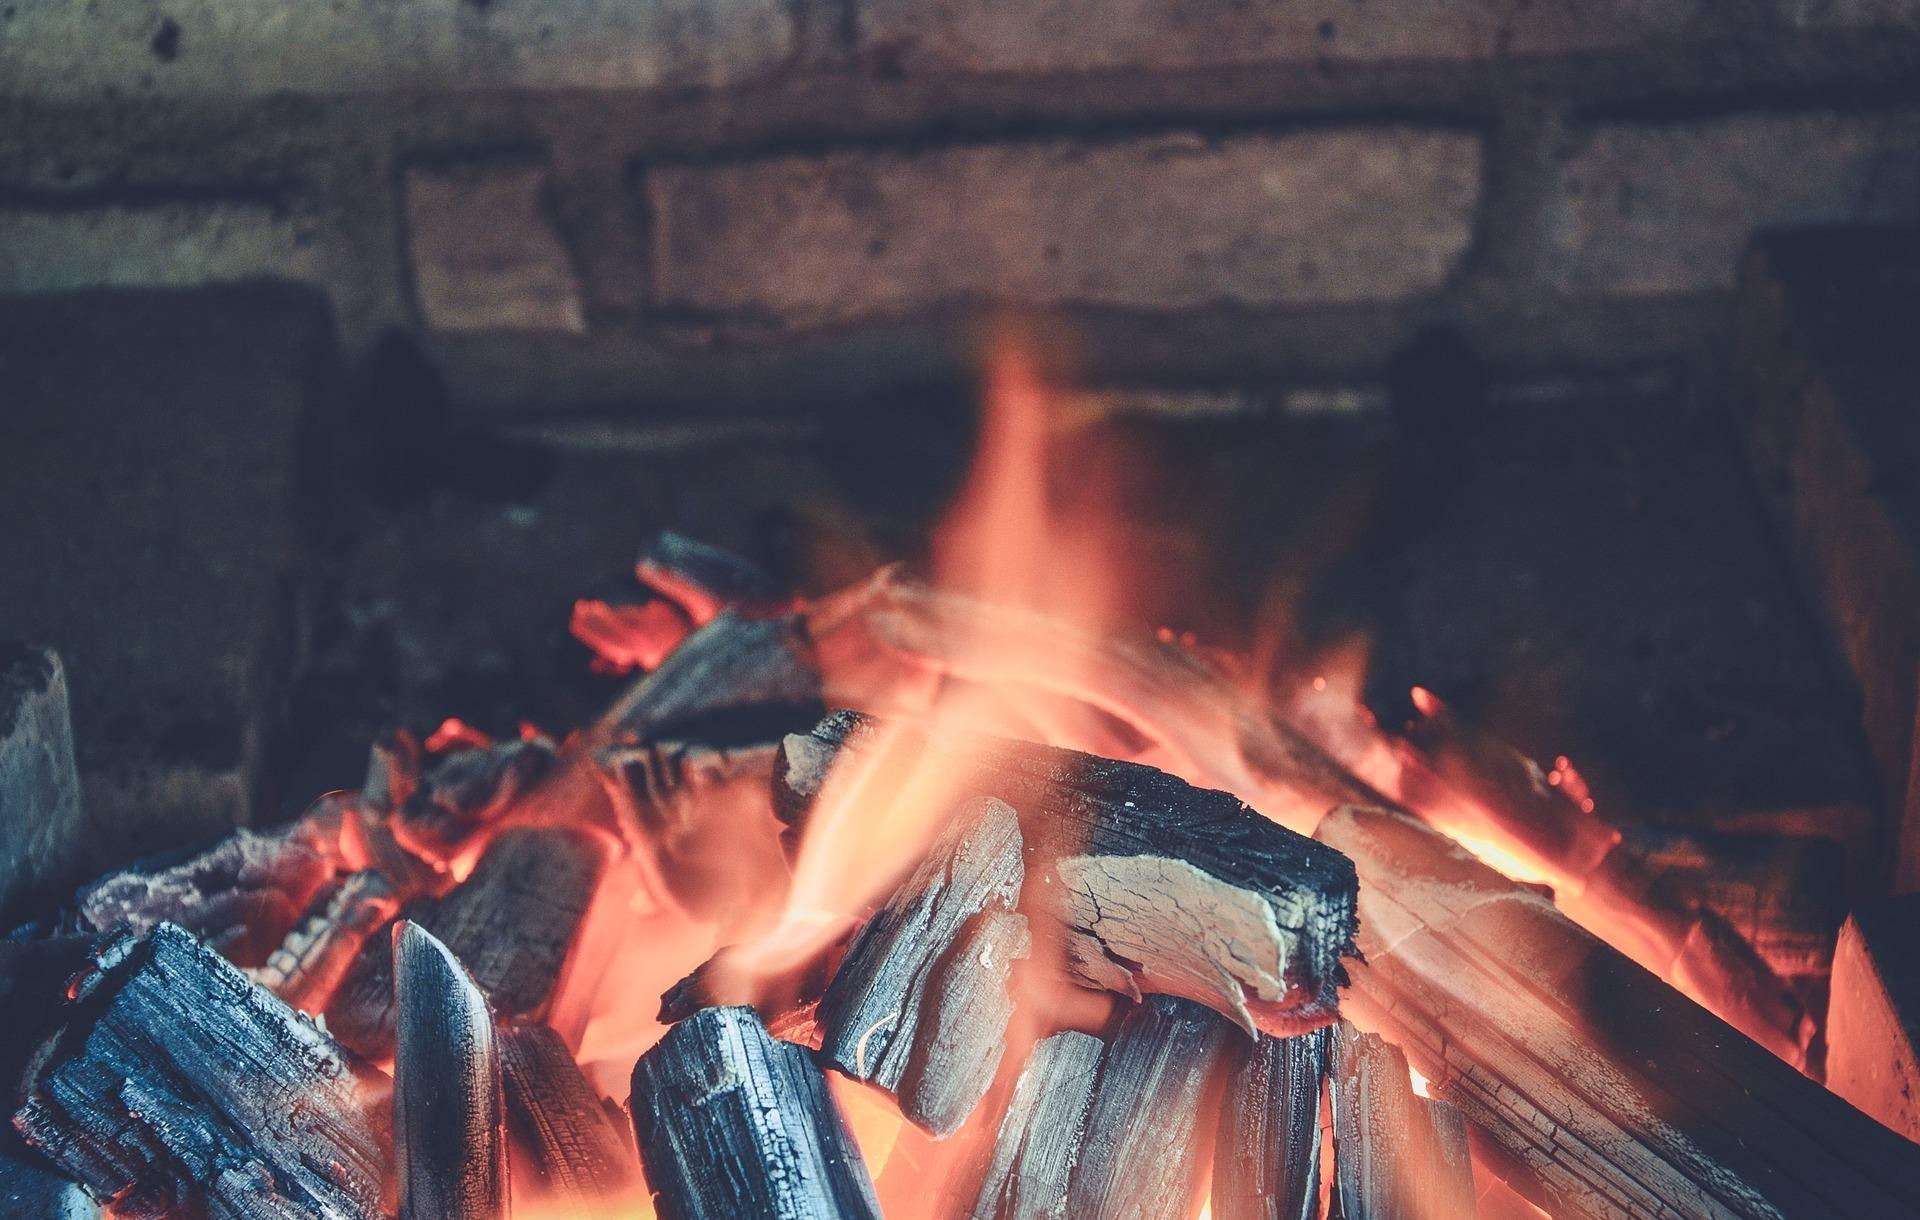 コンパクト焚き火ギアなら「笑's」におまかせ!キャンプに連れて行きたい〇〇君たちをご紹介♪